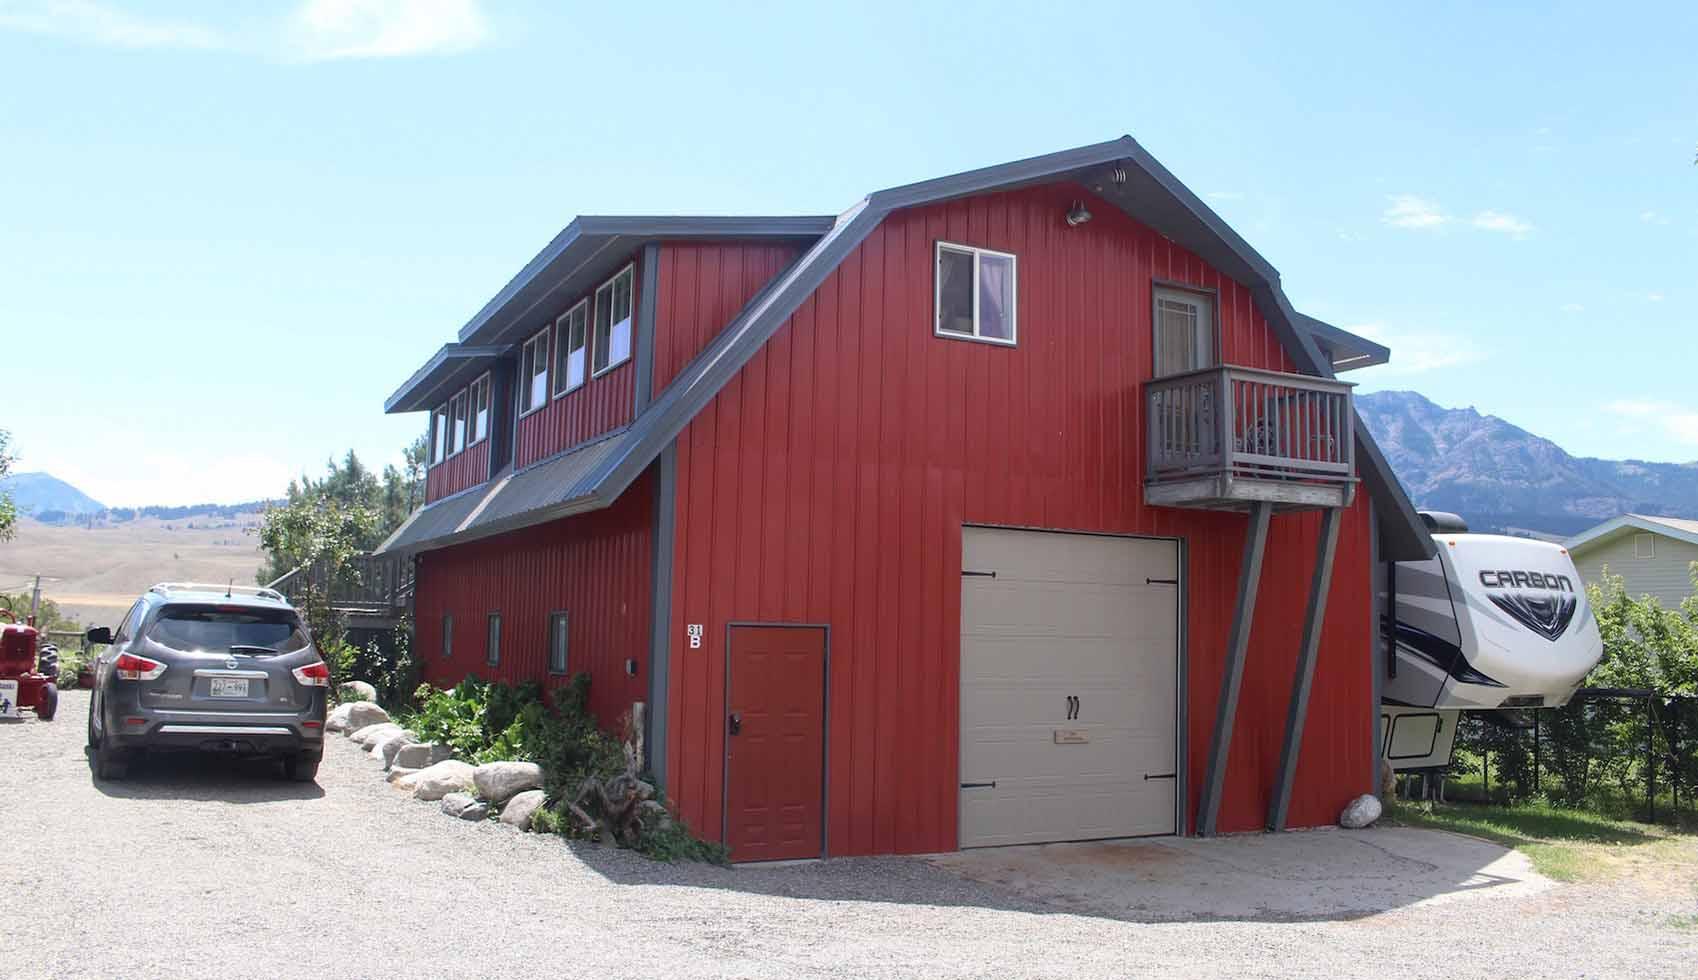 Barn on the Banks profile image